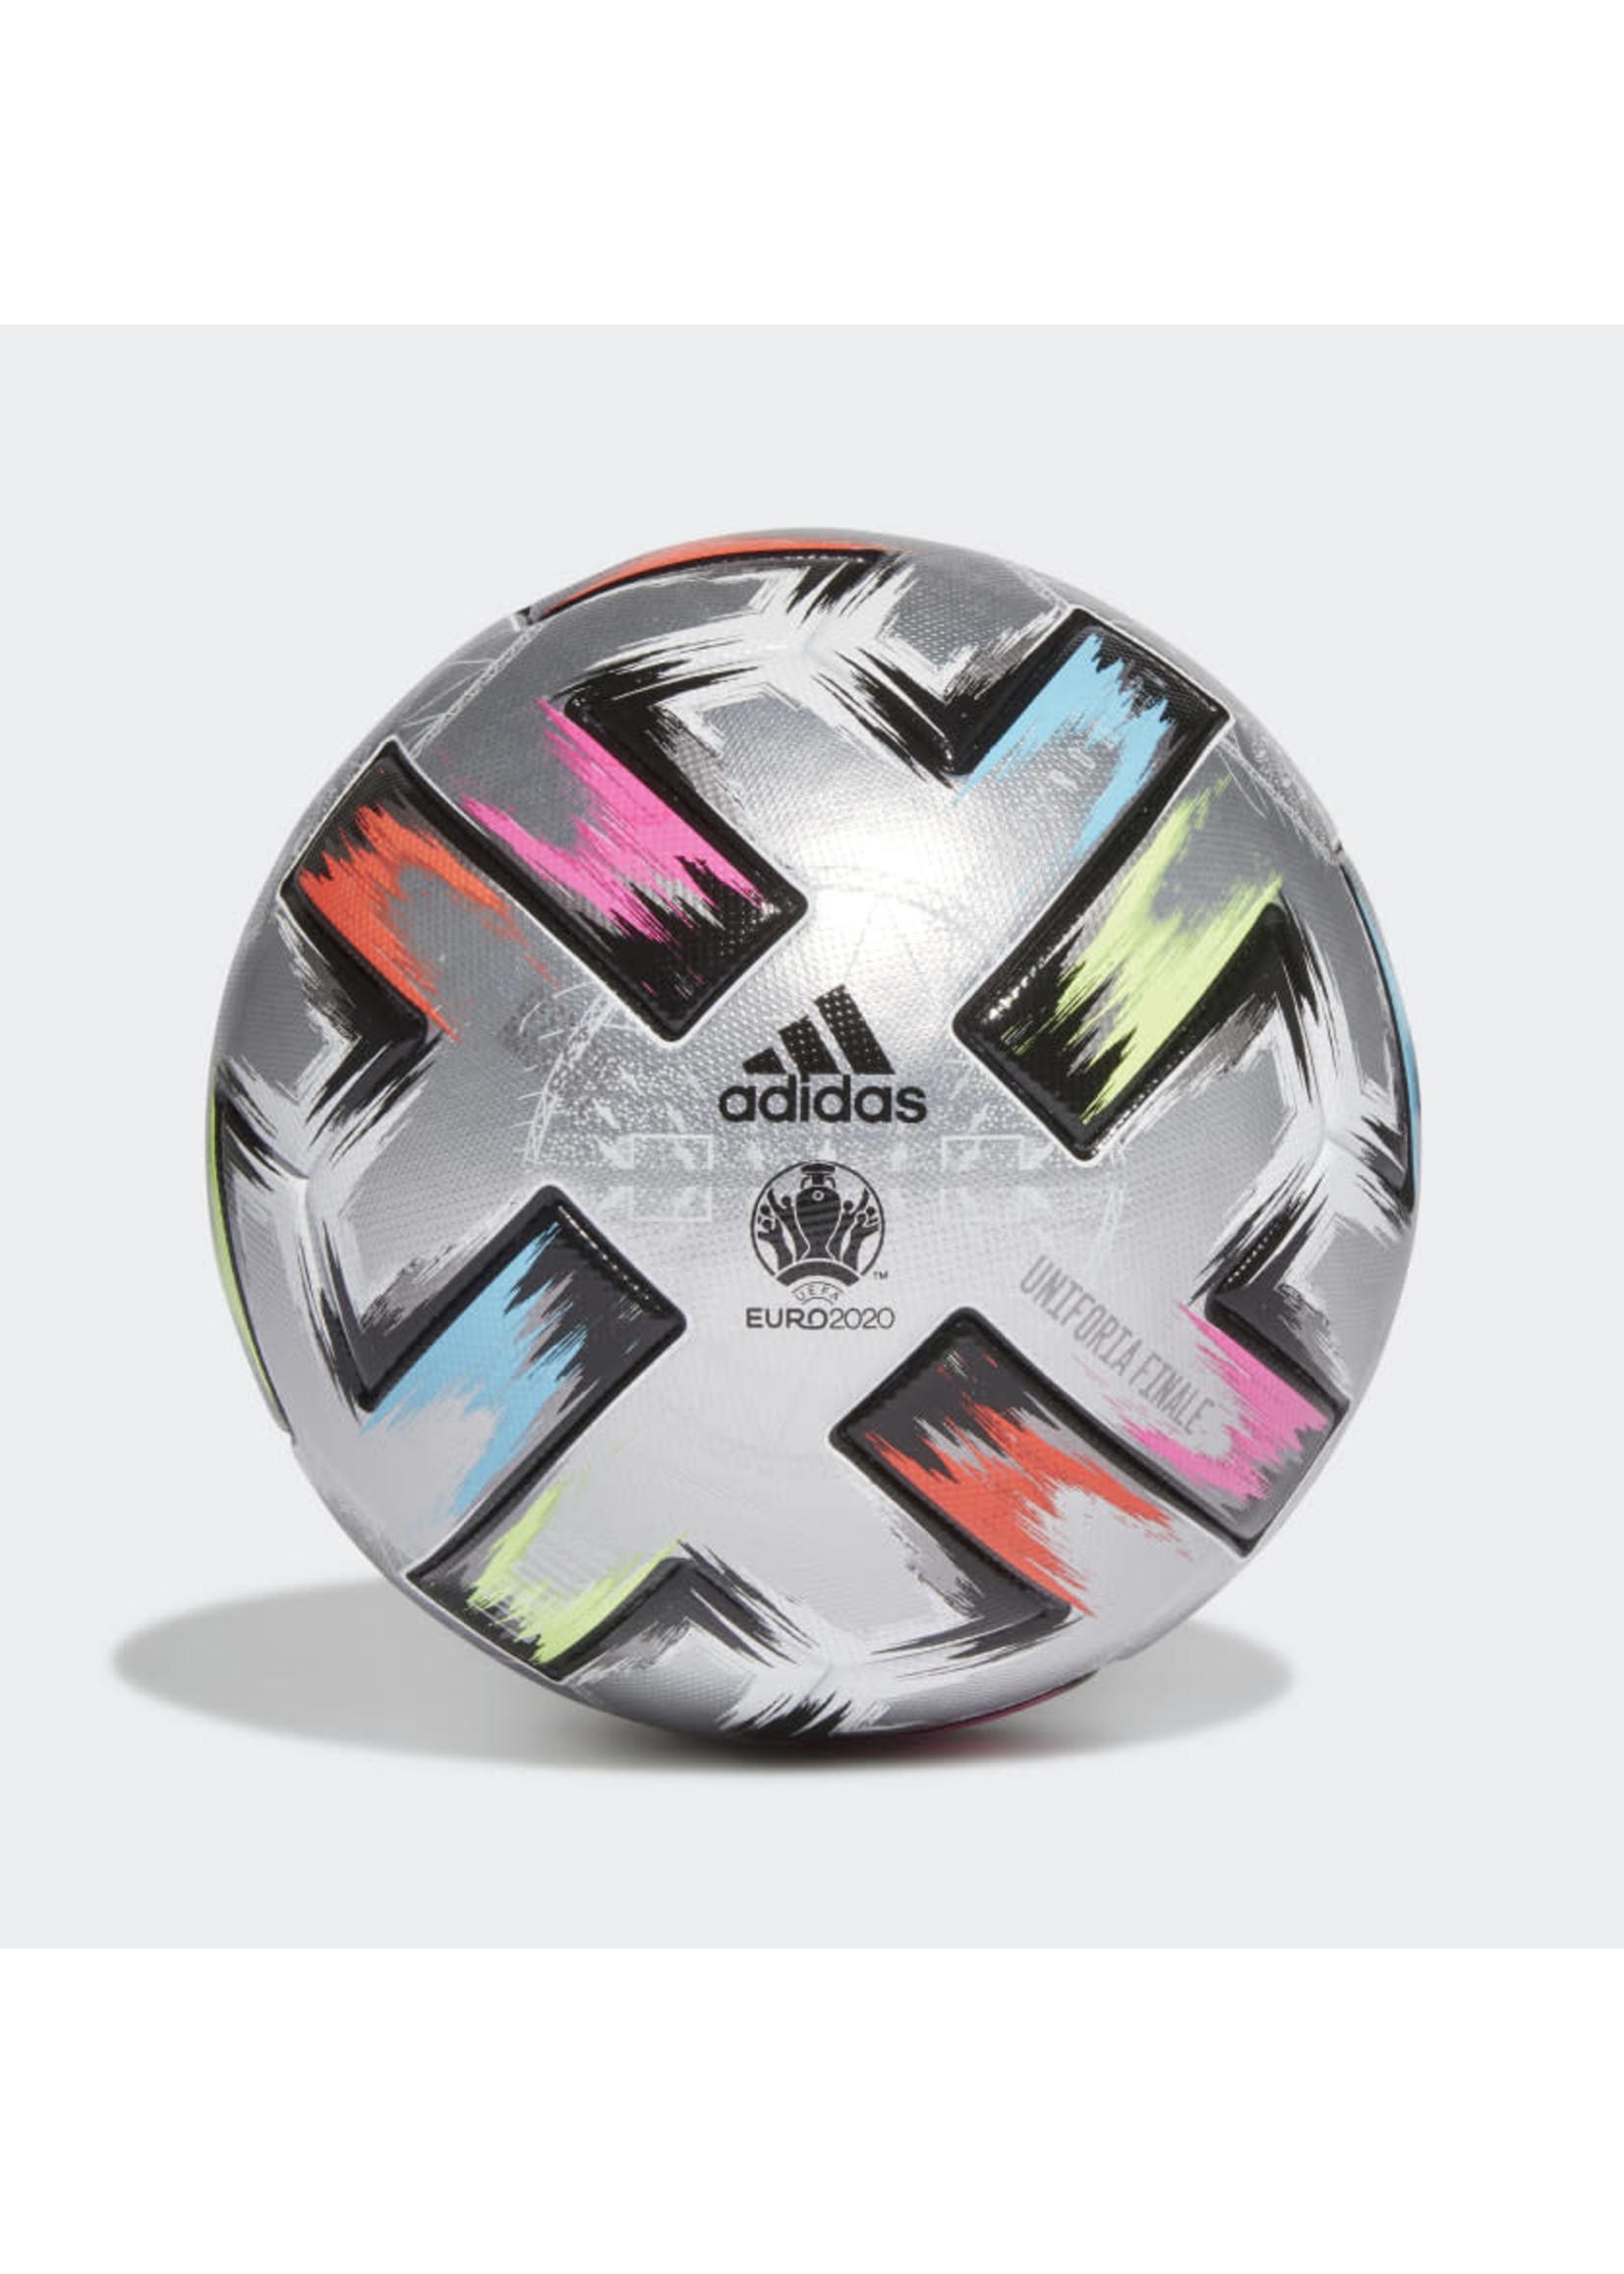 Adidas Euro 2020 Final Official Match Ball